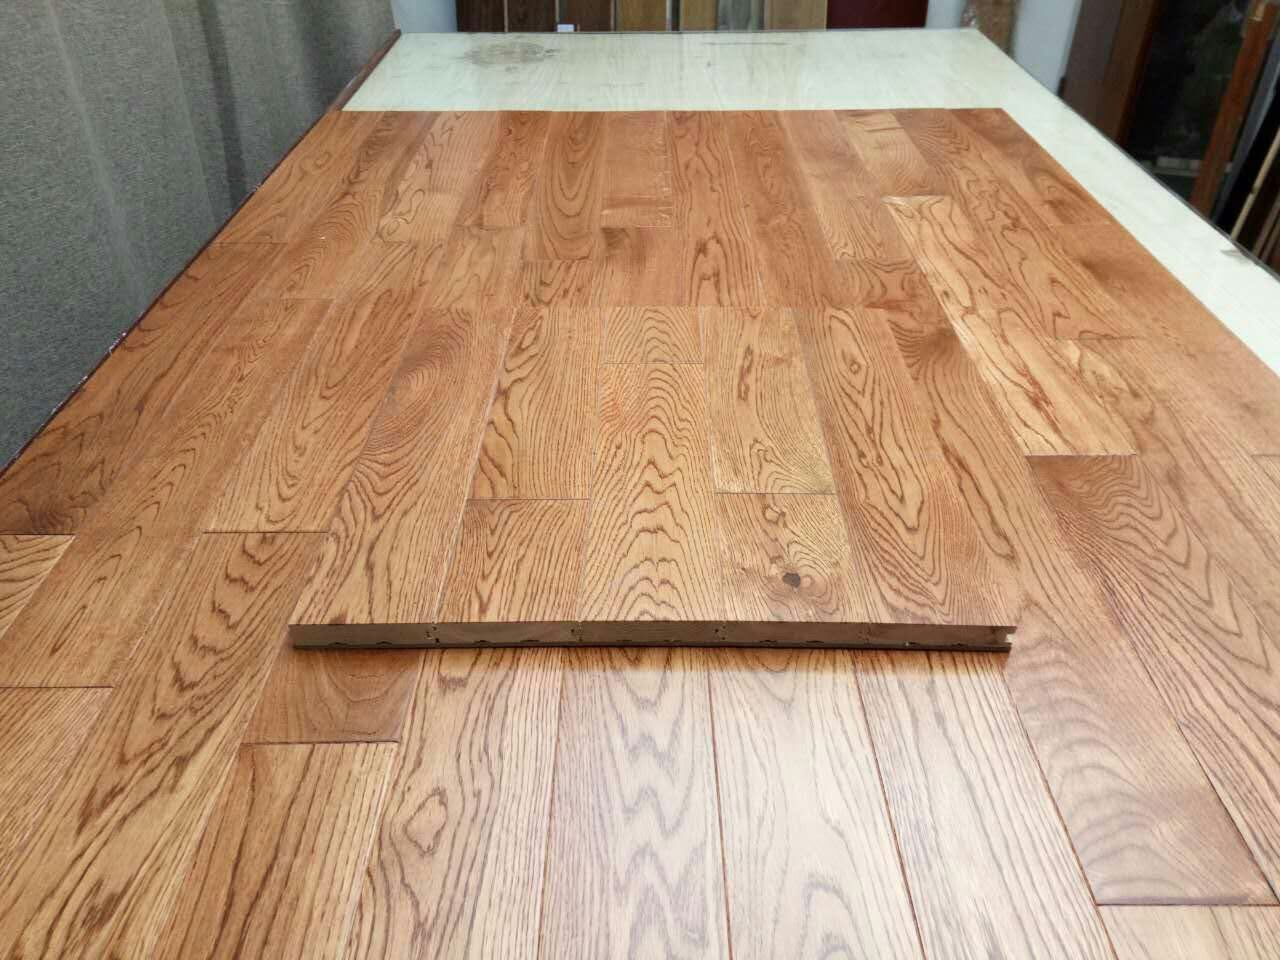 China Oak Hardwood Flooring Nature Or